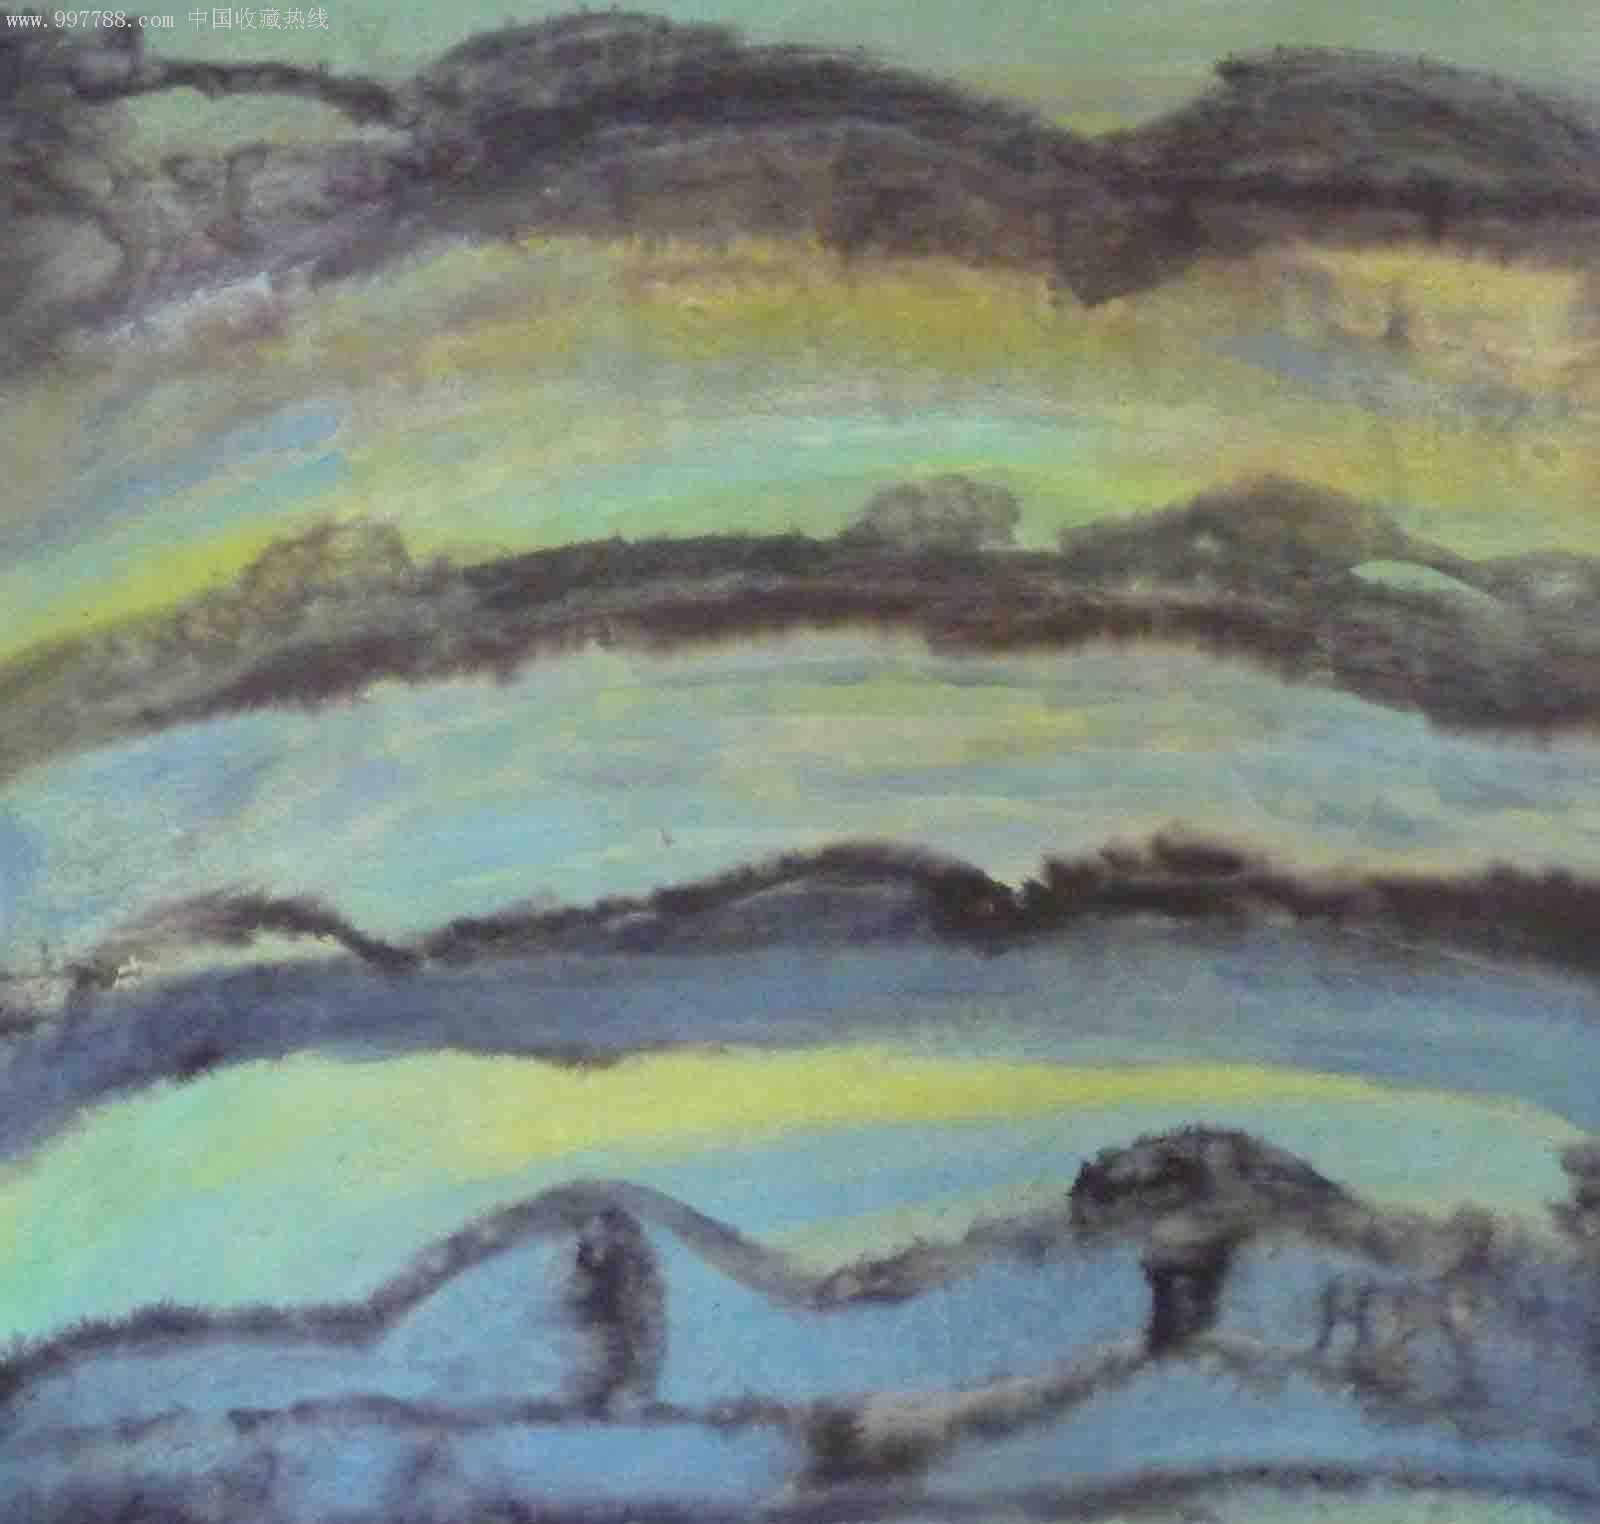 珠海天艺阁抽象油画作品欣赏-珠海天艺阁